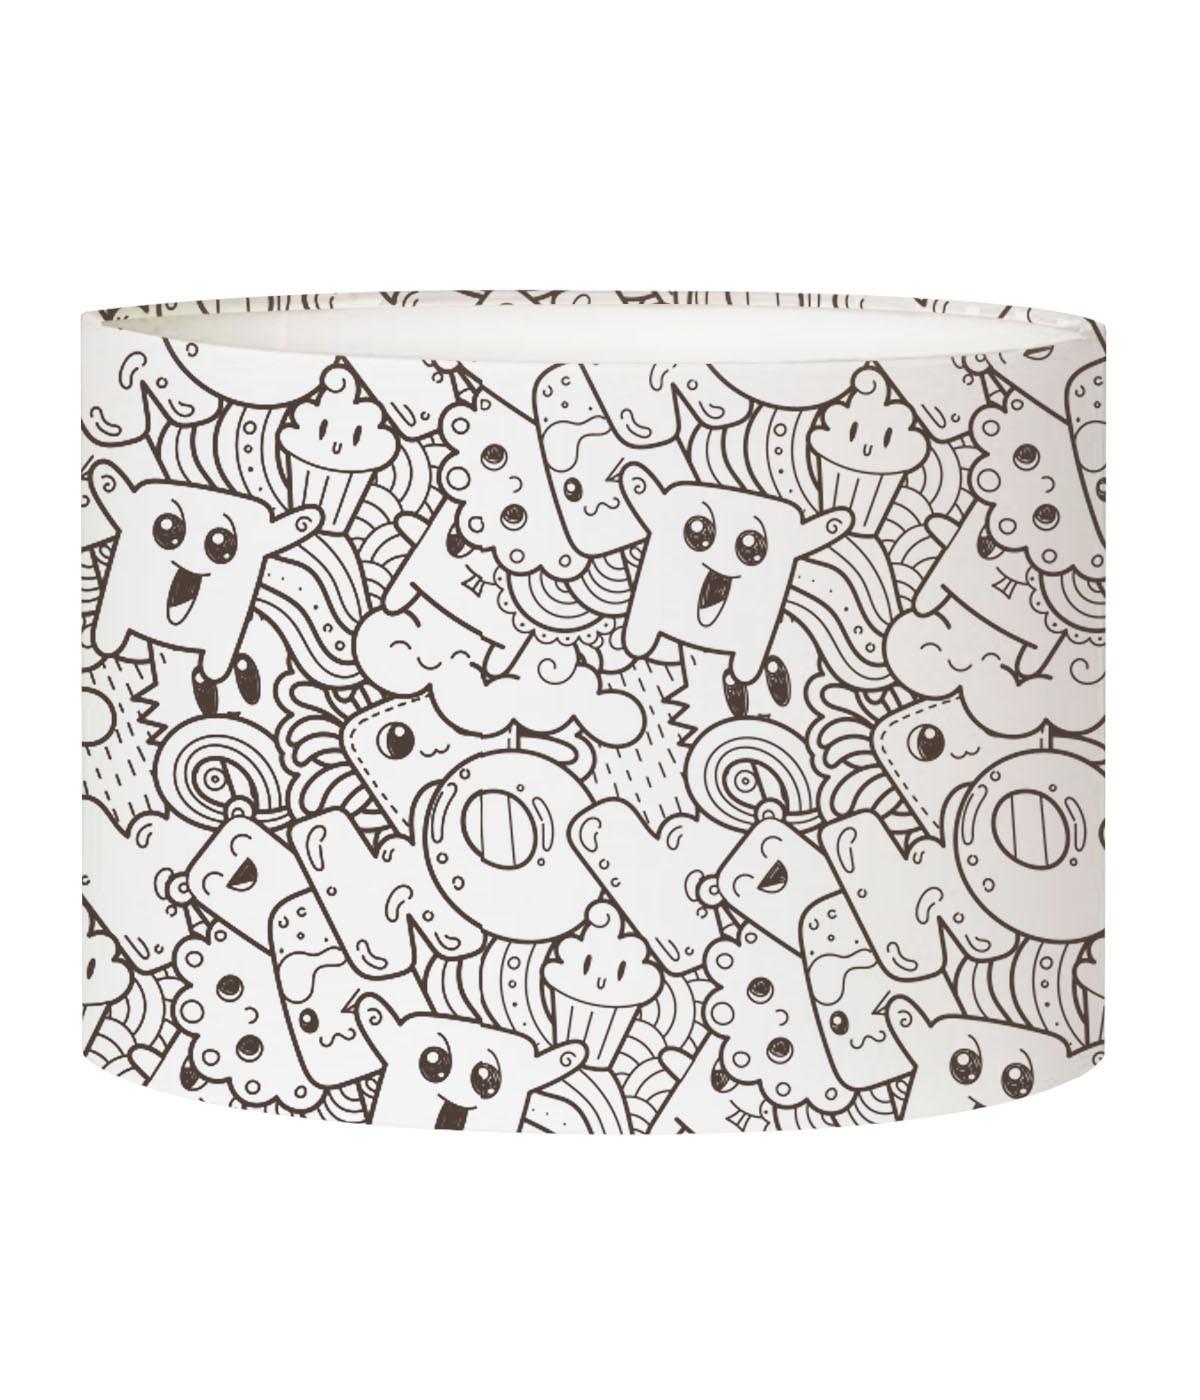 Abat-jour lampadaire enfant doodle PopCorn D 45 x H 25